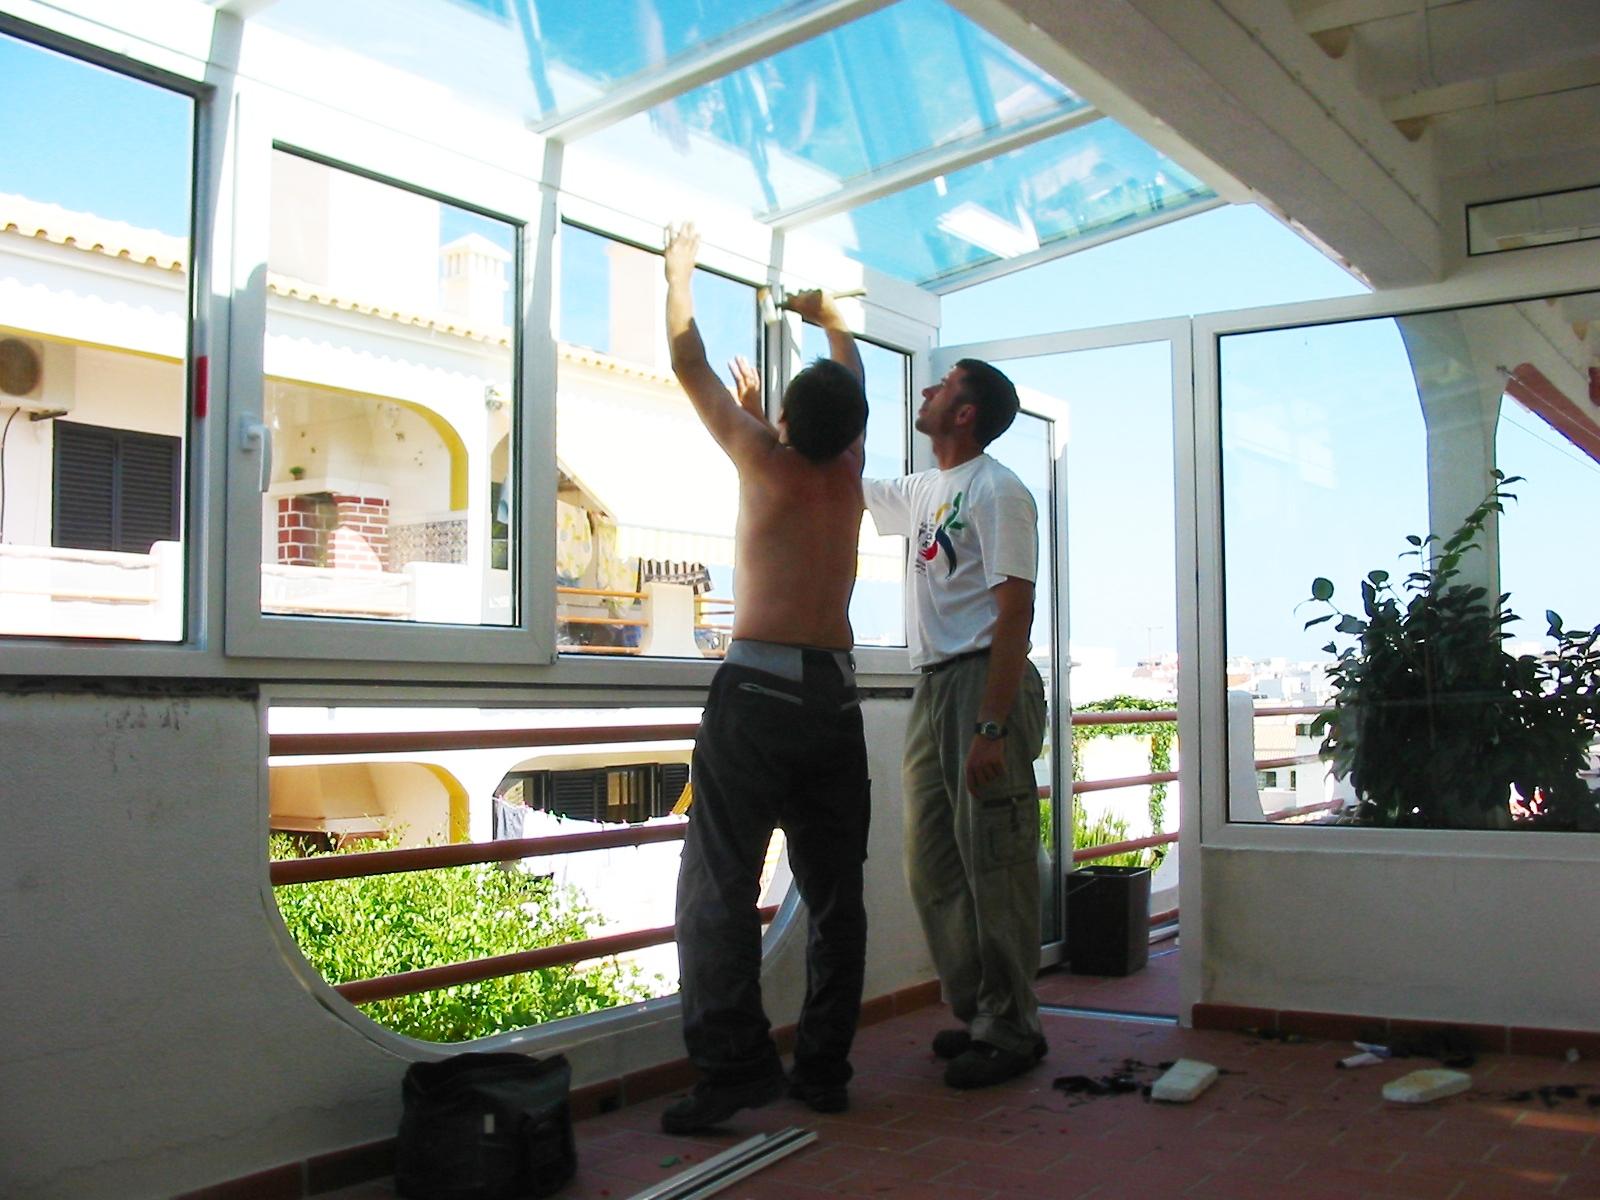 #2988A2 Cobertura no Algarve 03 09 2013 240 Janelas De Vidro Para Terraço